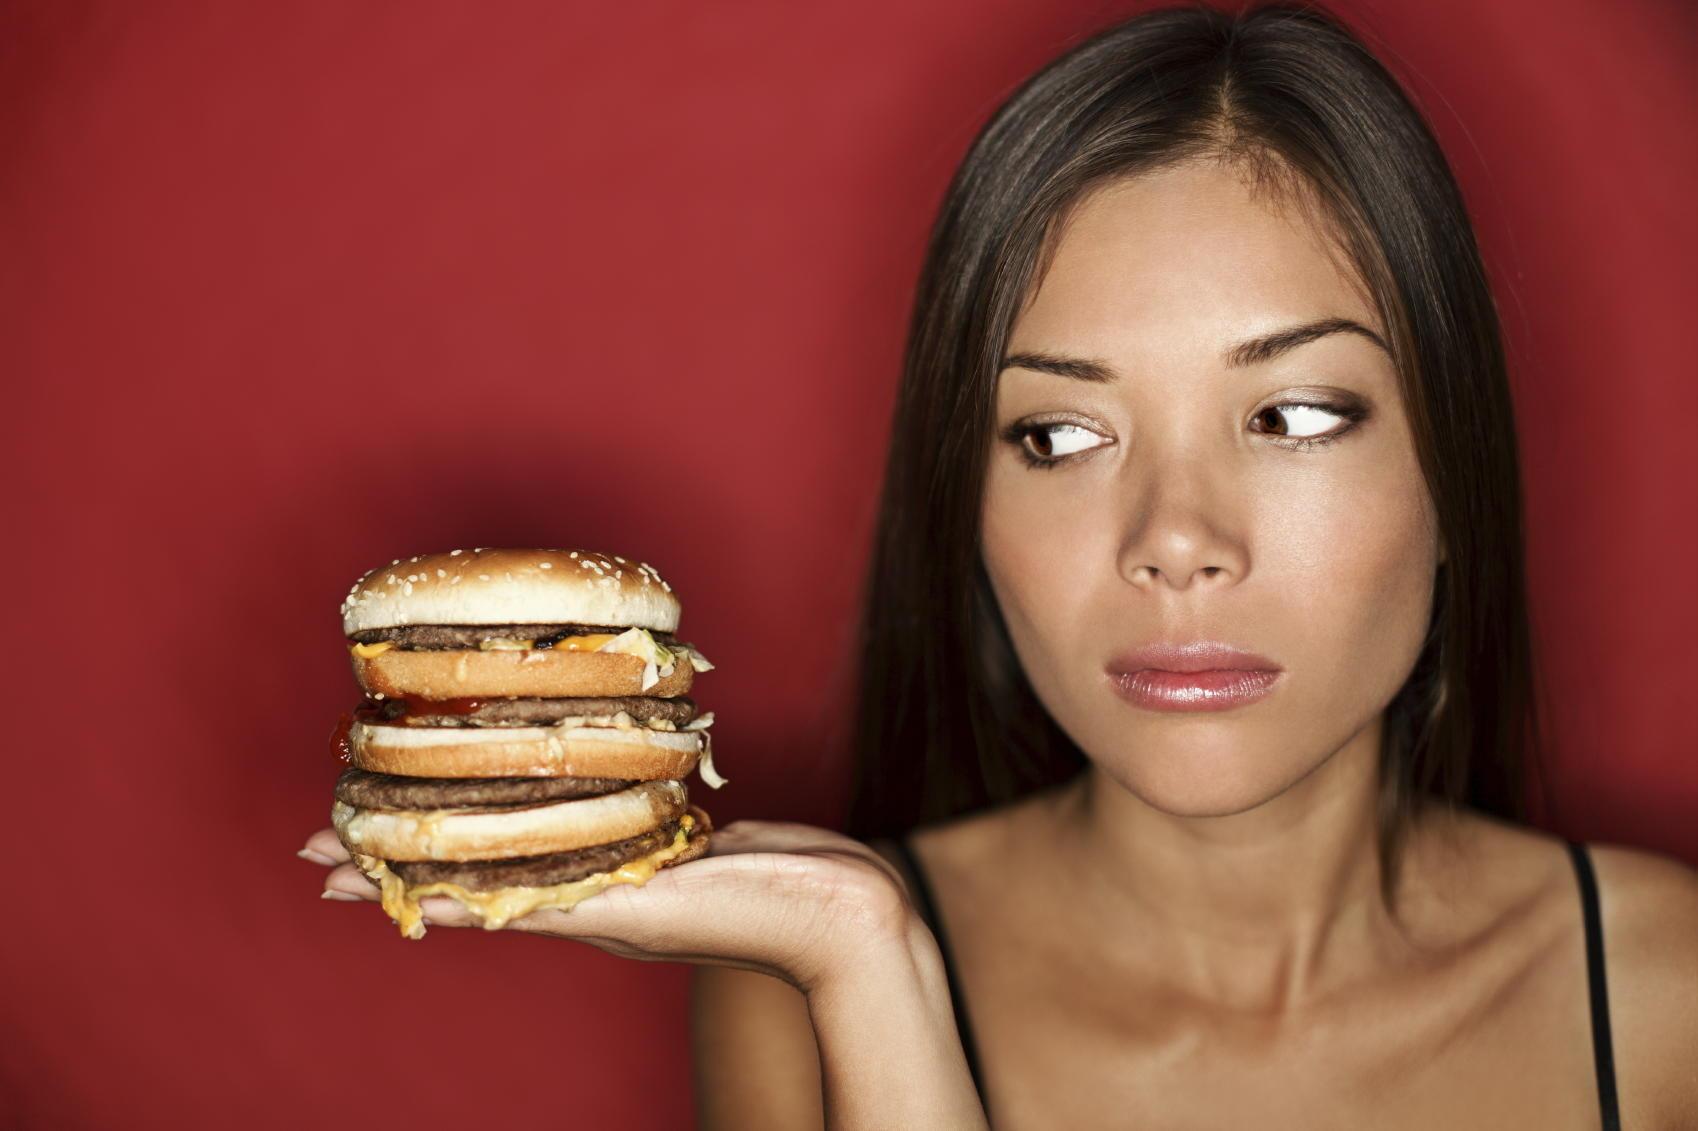 woman looking at cheeseburger